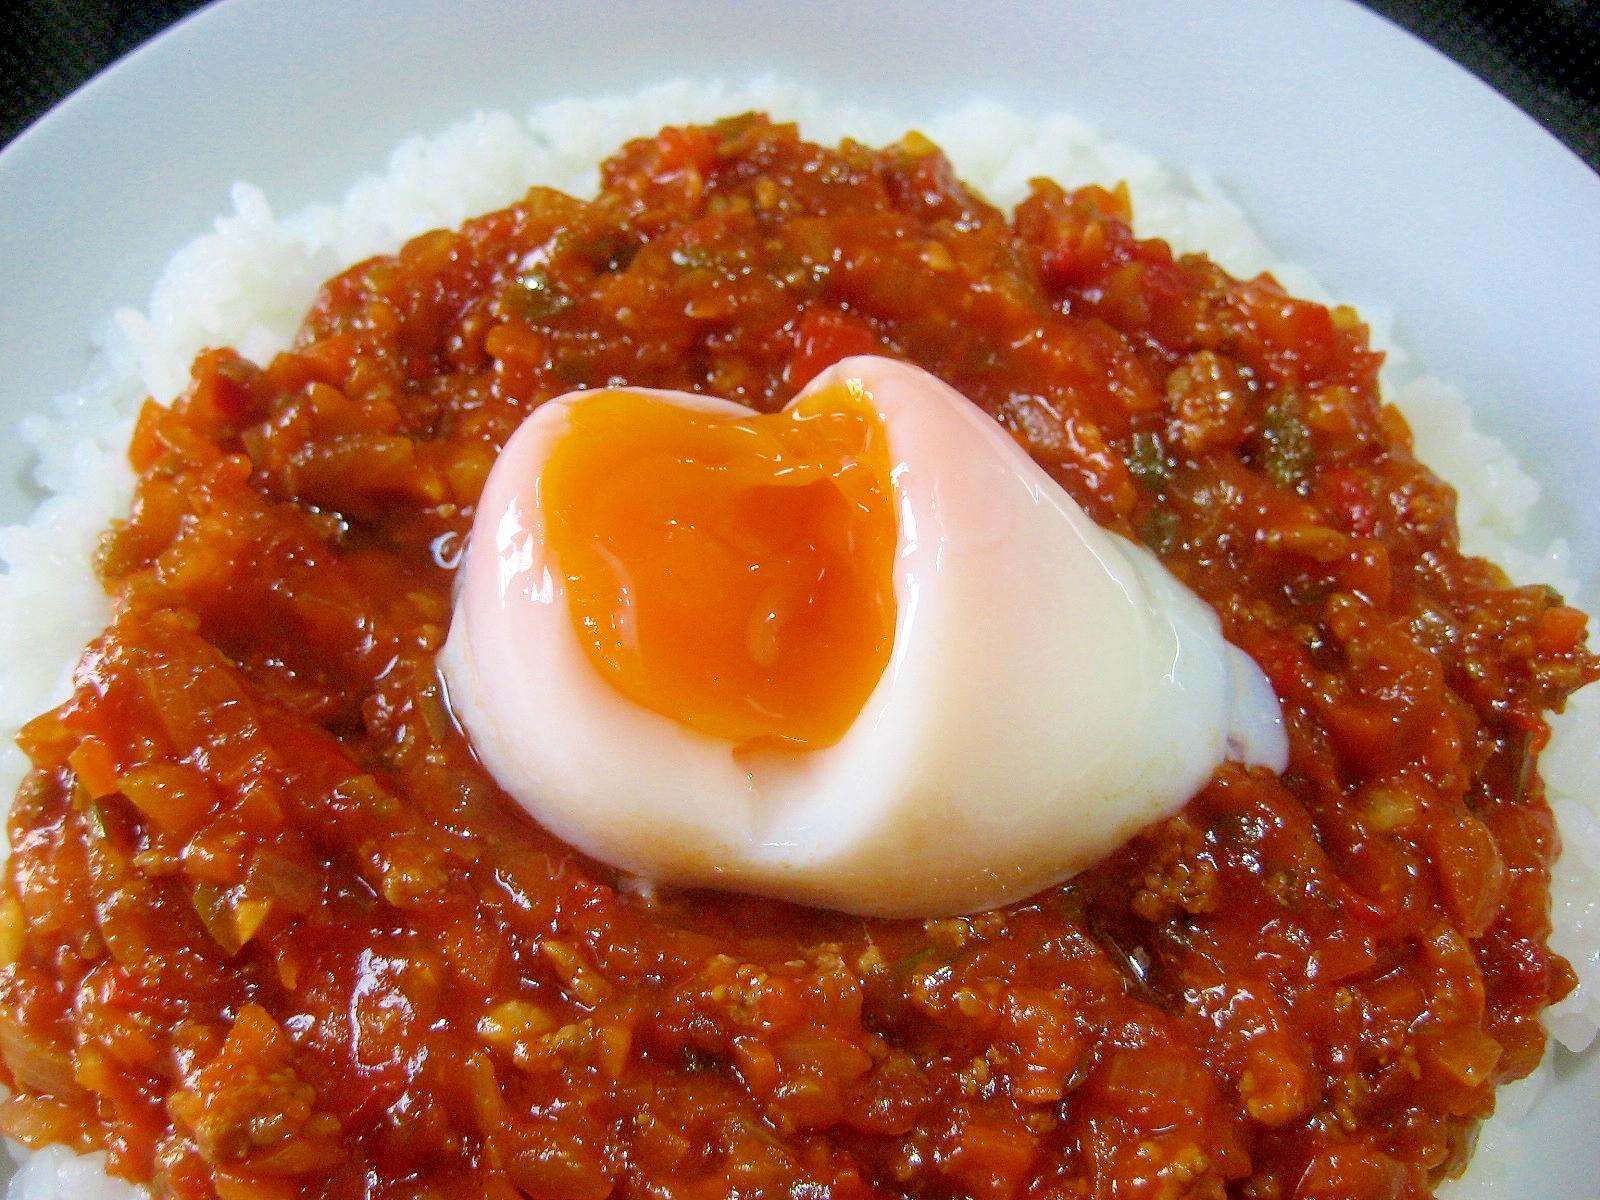 カレールーとトマト缶で簡単!☆キーマカレー☆ レシピ・作り方 by nyanpyow|楽天レシピ